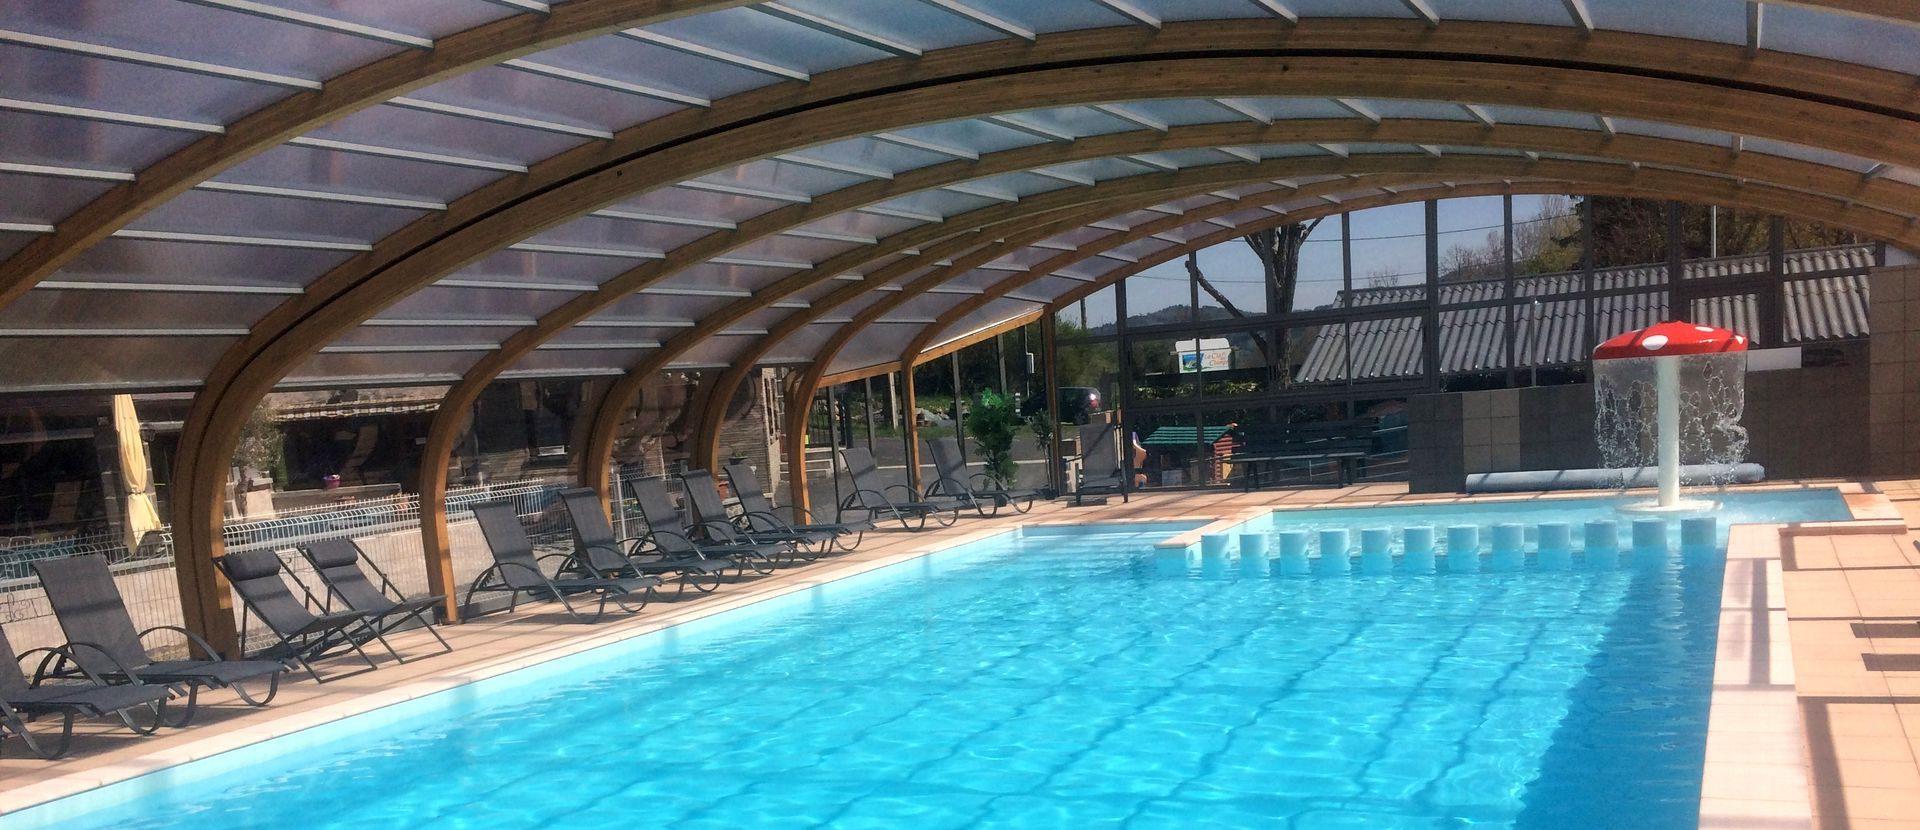 Camping Auvergne - Camping La Cle Des Champs **** - Saint ... pour Camping En Auvergne Avec Piscine